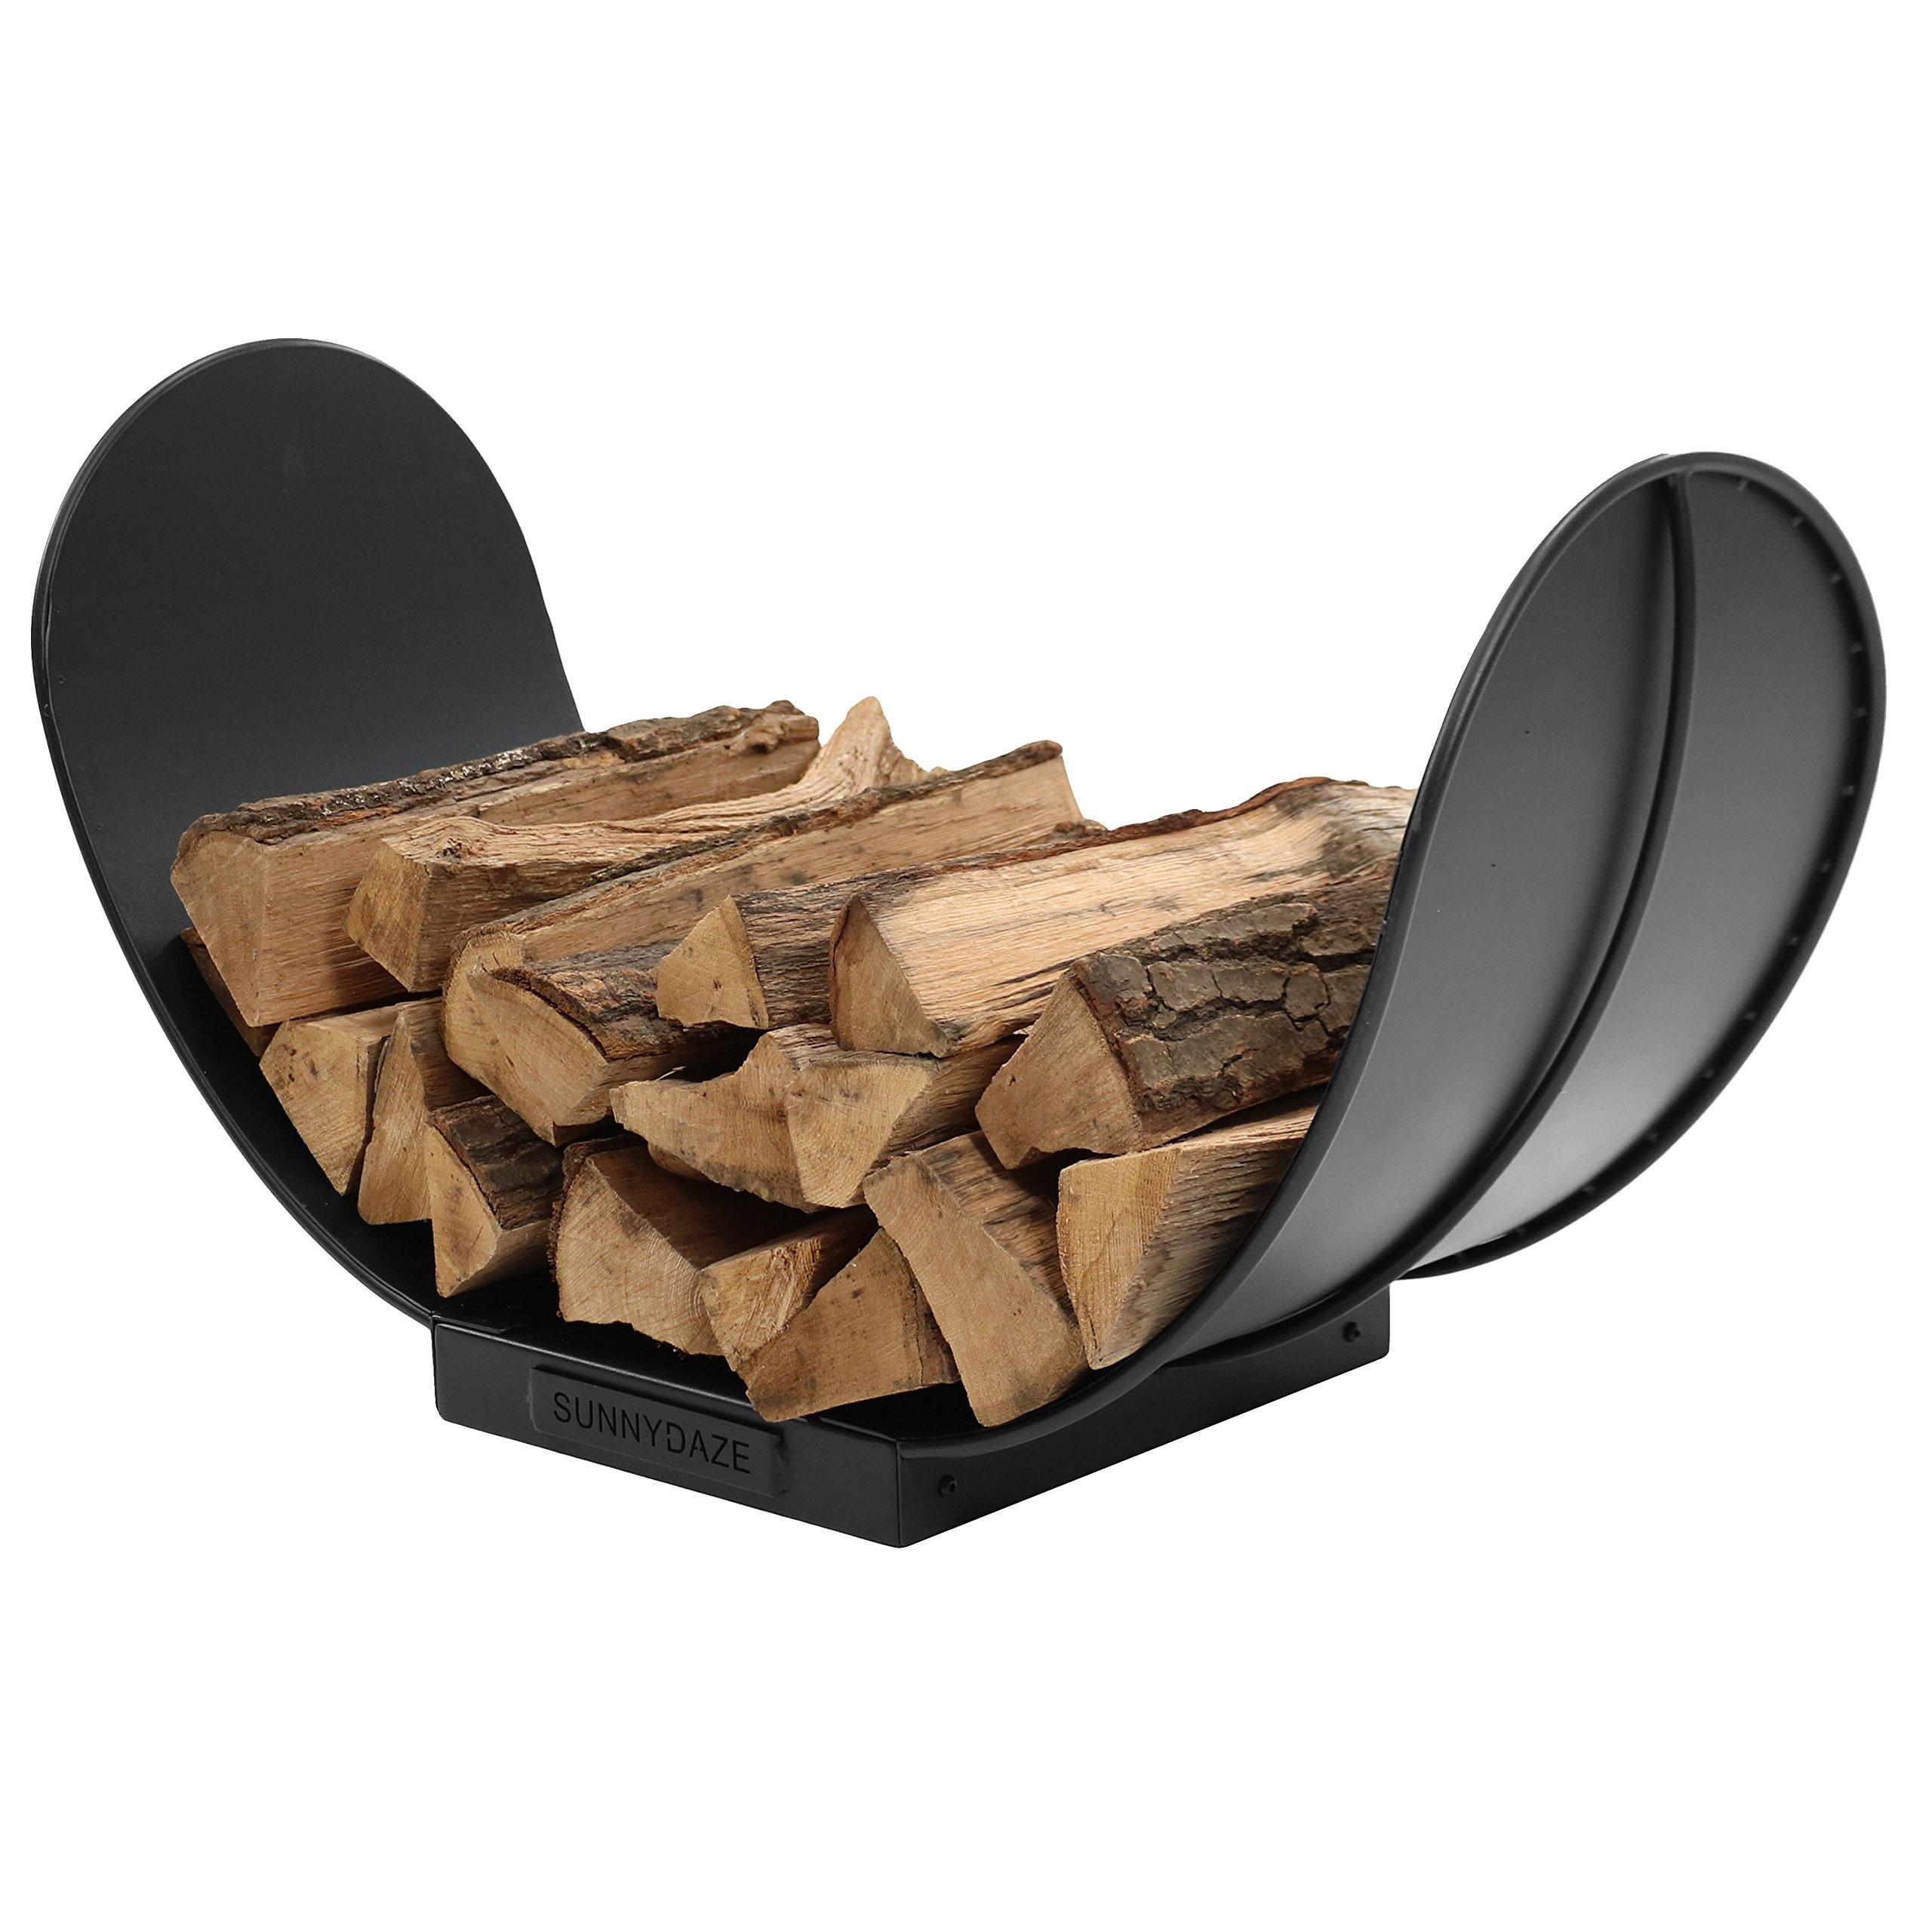 Sunnydaze 3-Foot Curved Firewood Log Rack, Indoor or Outdoor Fireplace Wood Storage Holder, Black Steel by Sunnydaze Decor